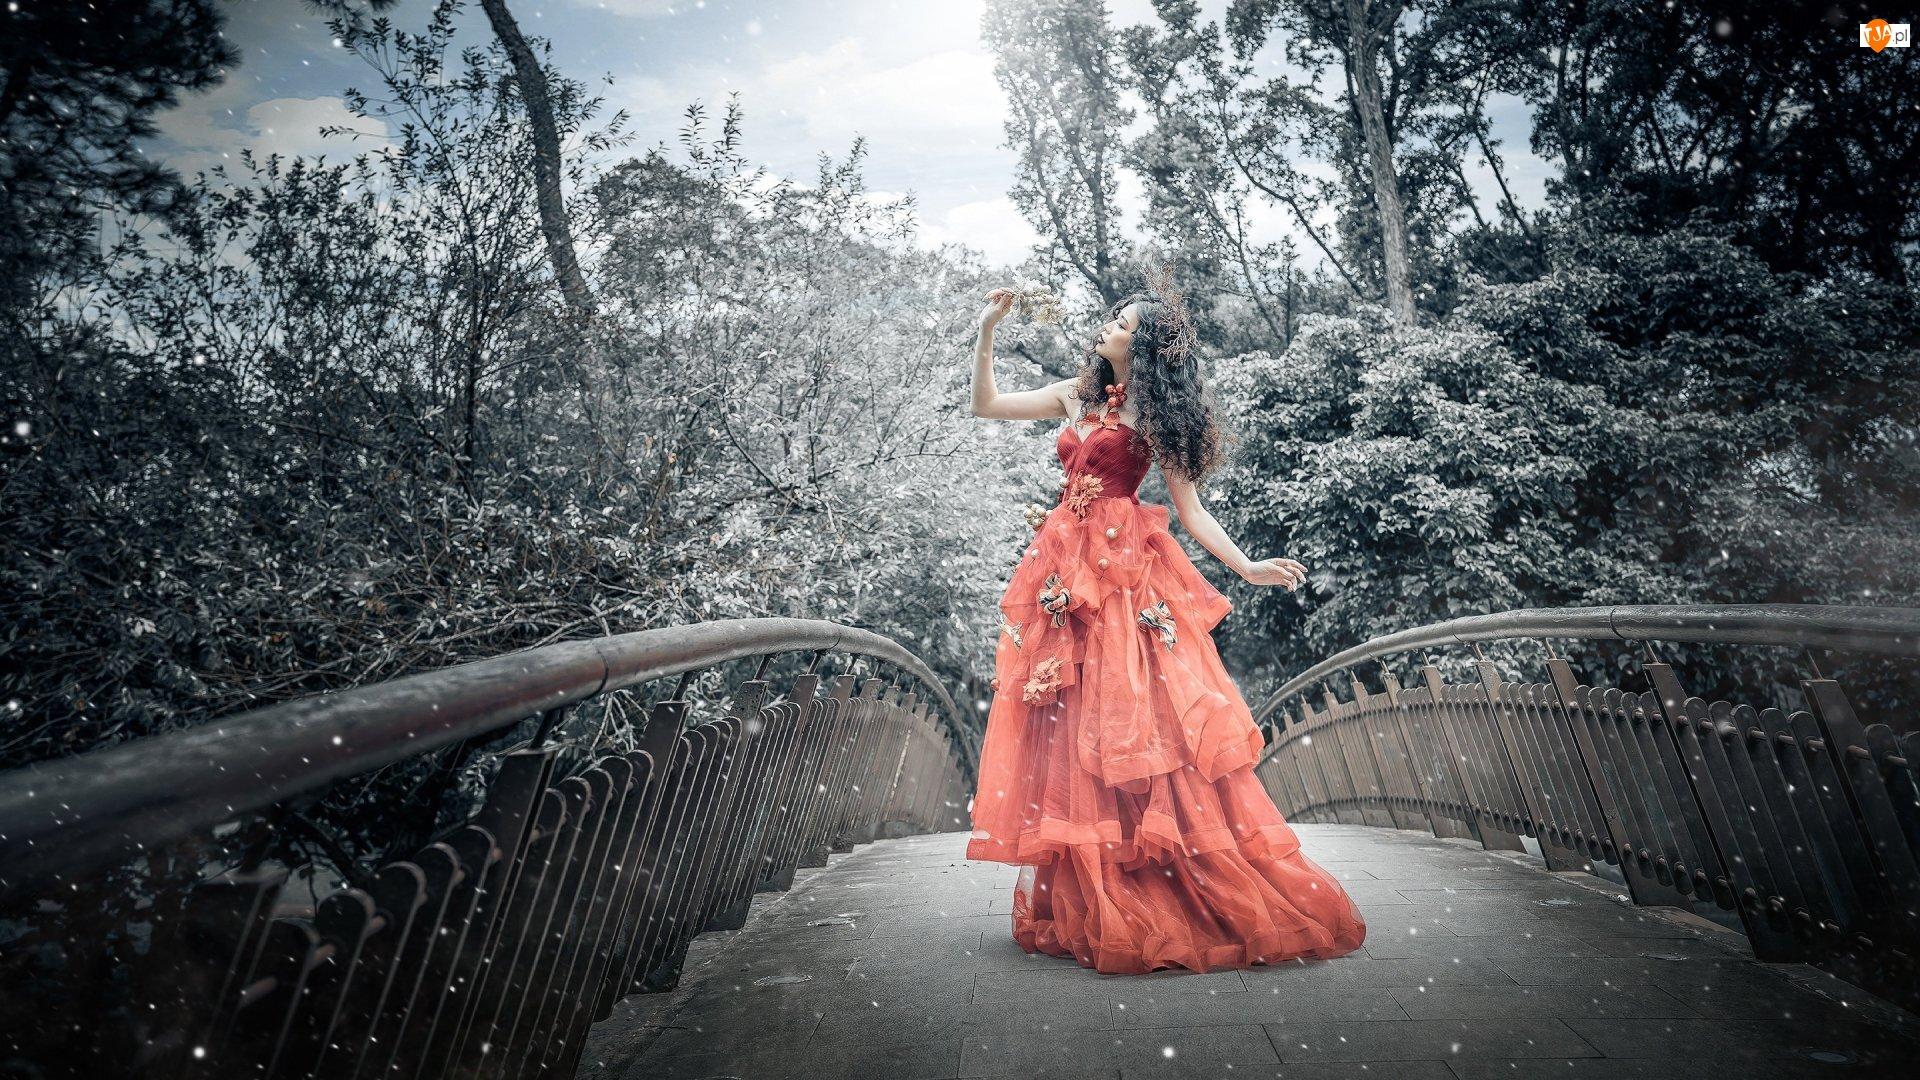 Suknia, Drzewa, Pomarańczowa, Kobieta, Most